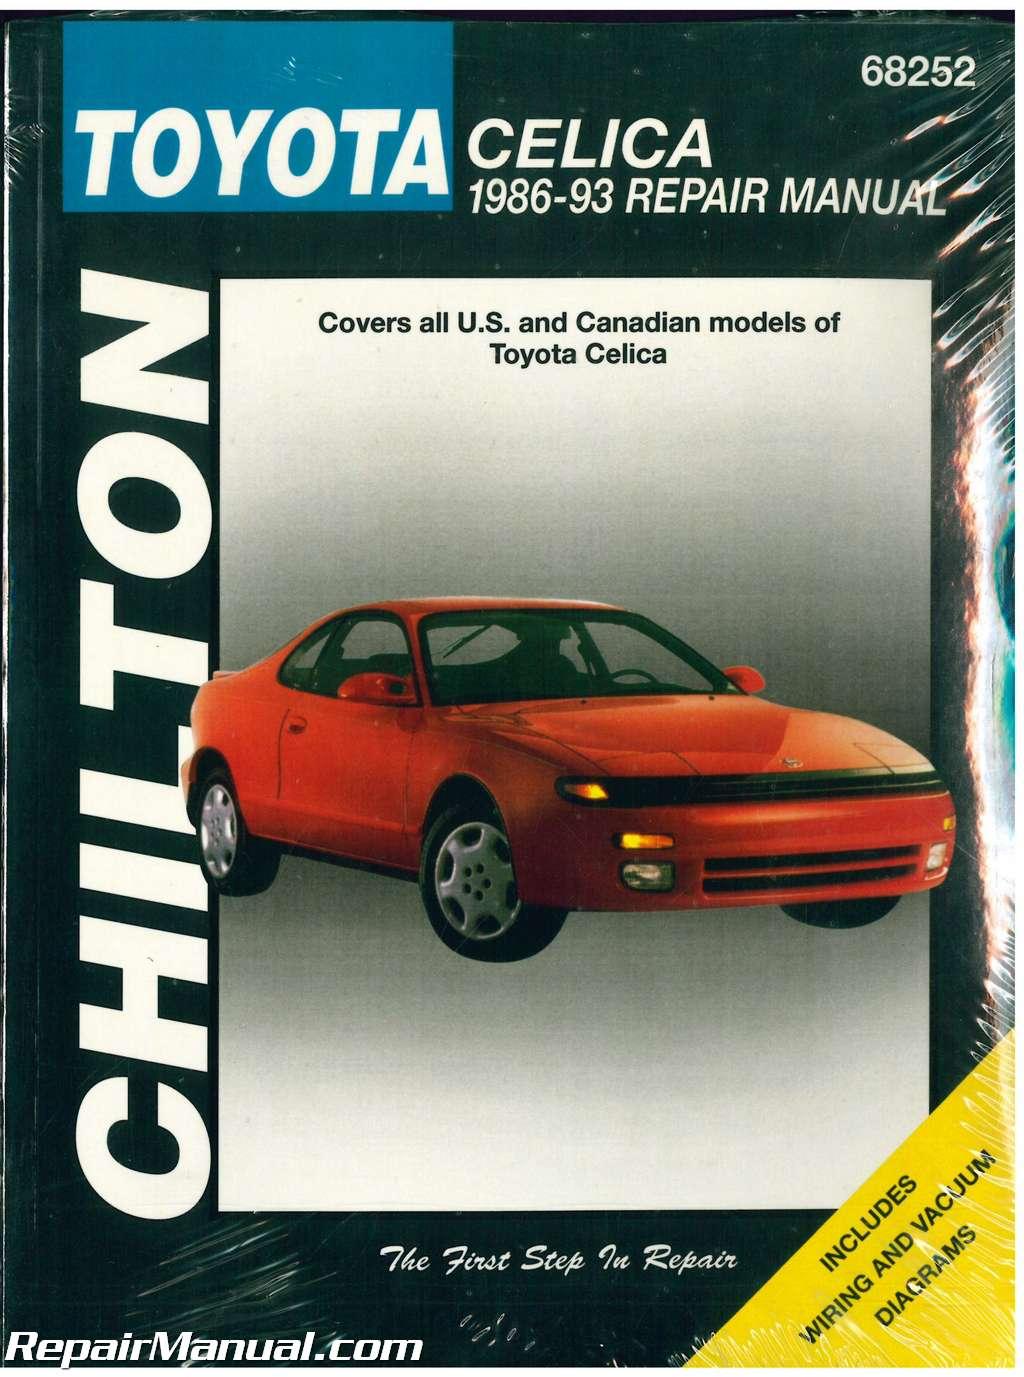 Chilton Toyota Celica 1986 1993 Repair Manual Engine Diagram